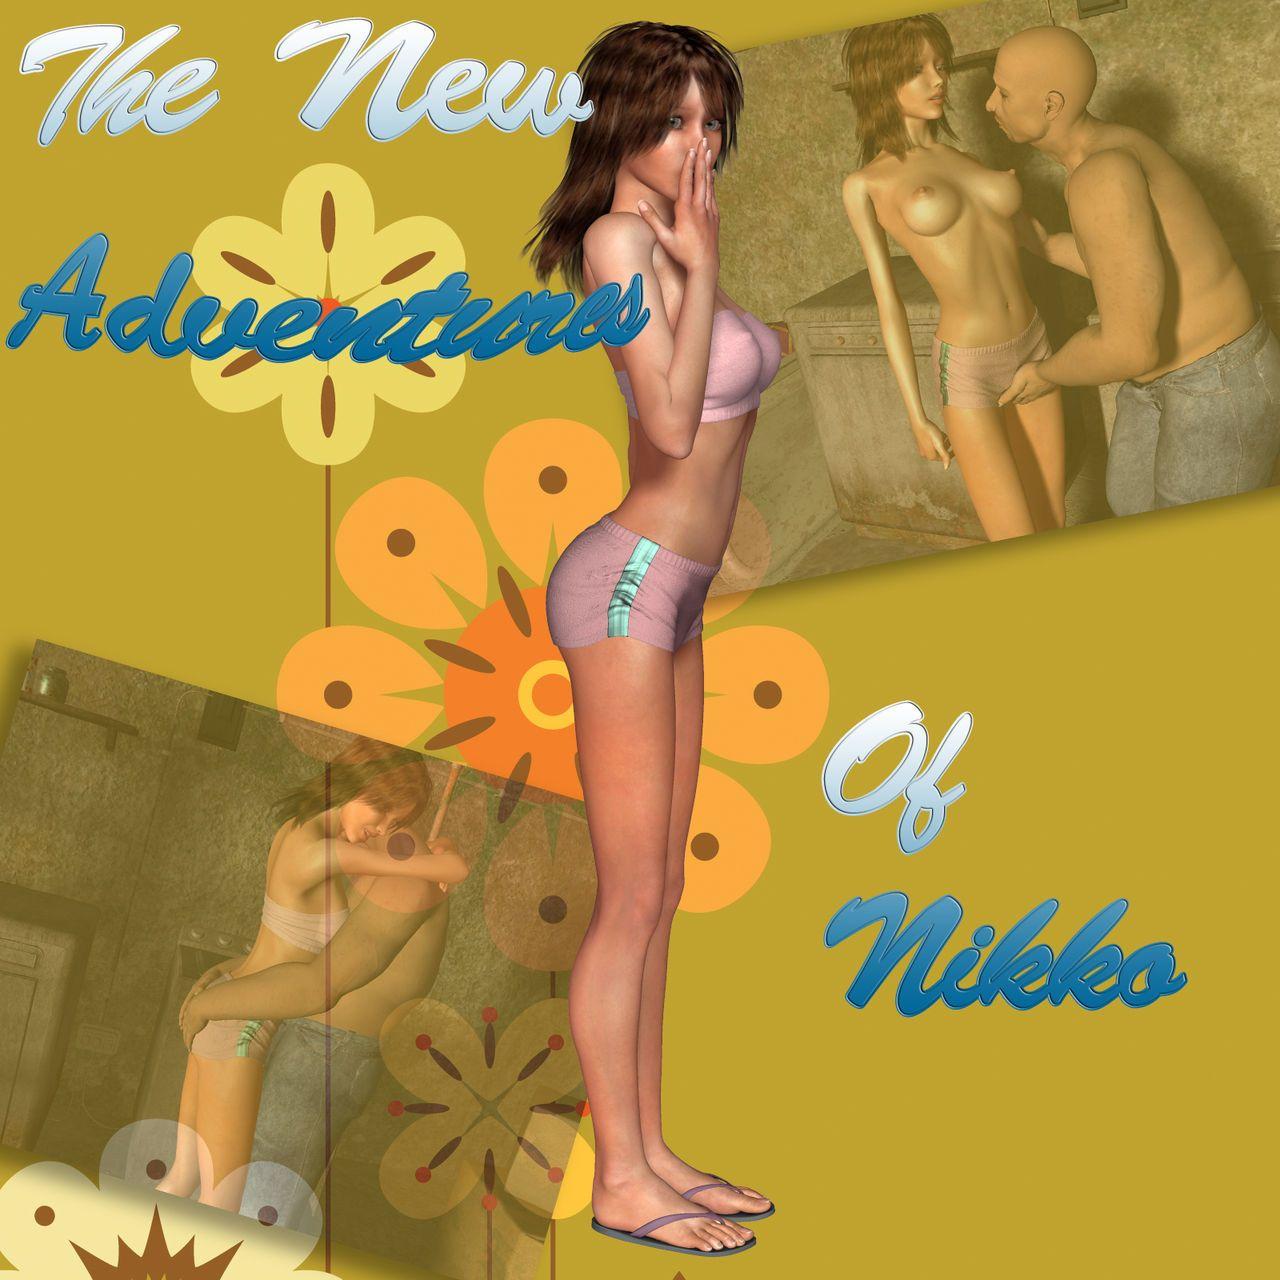 [Revenant]The New Adventures of Nikko